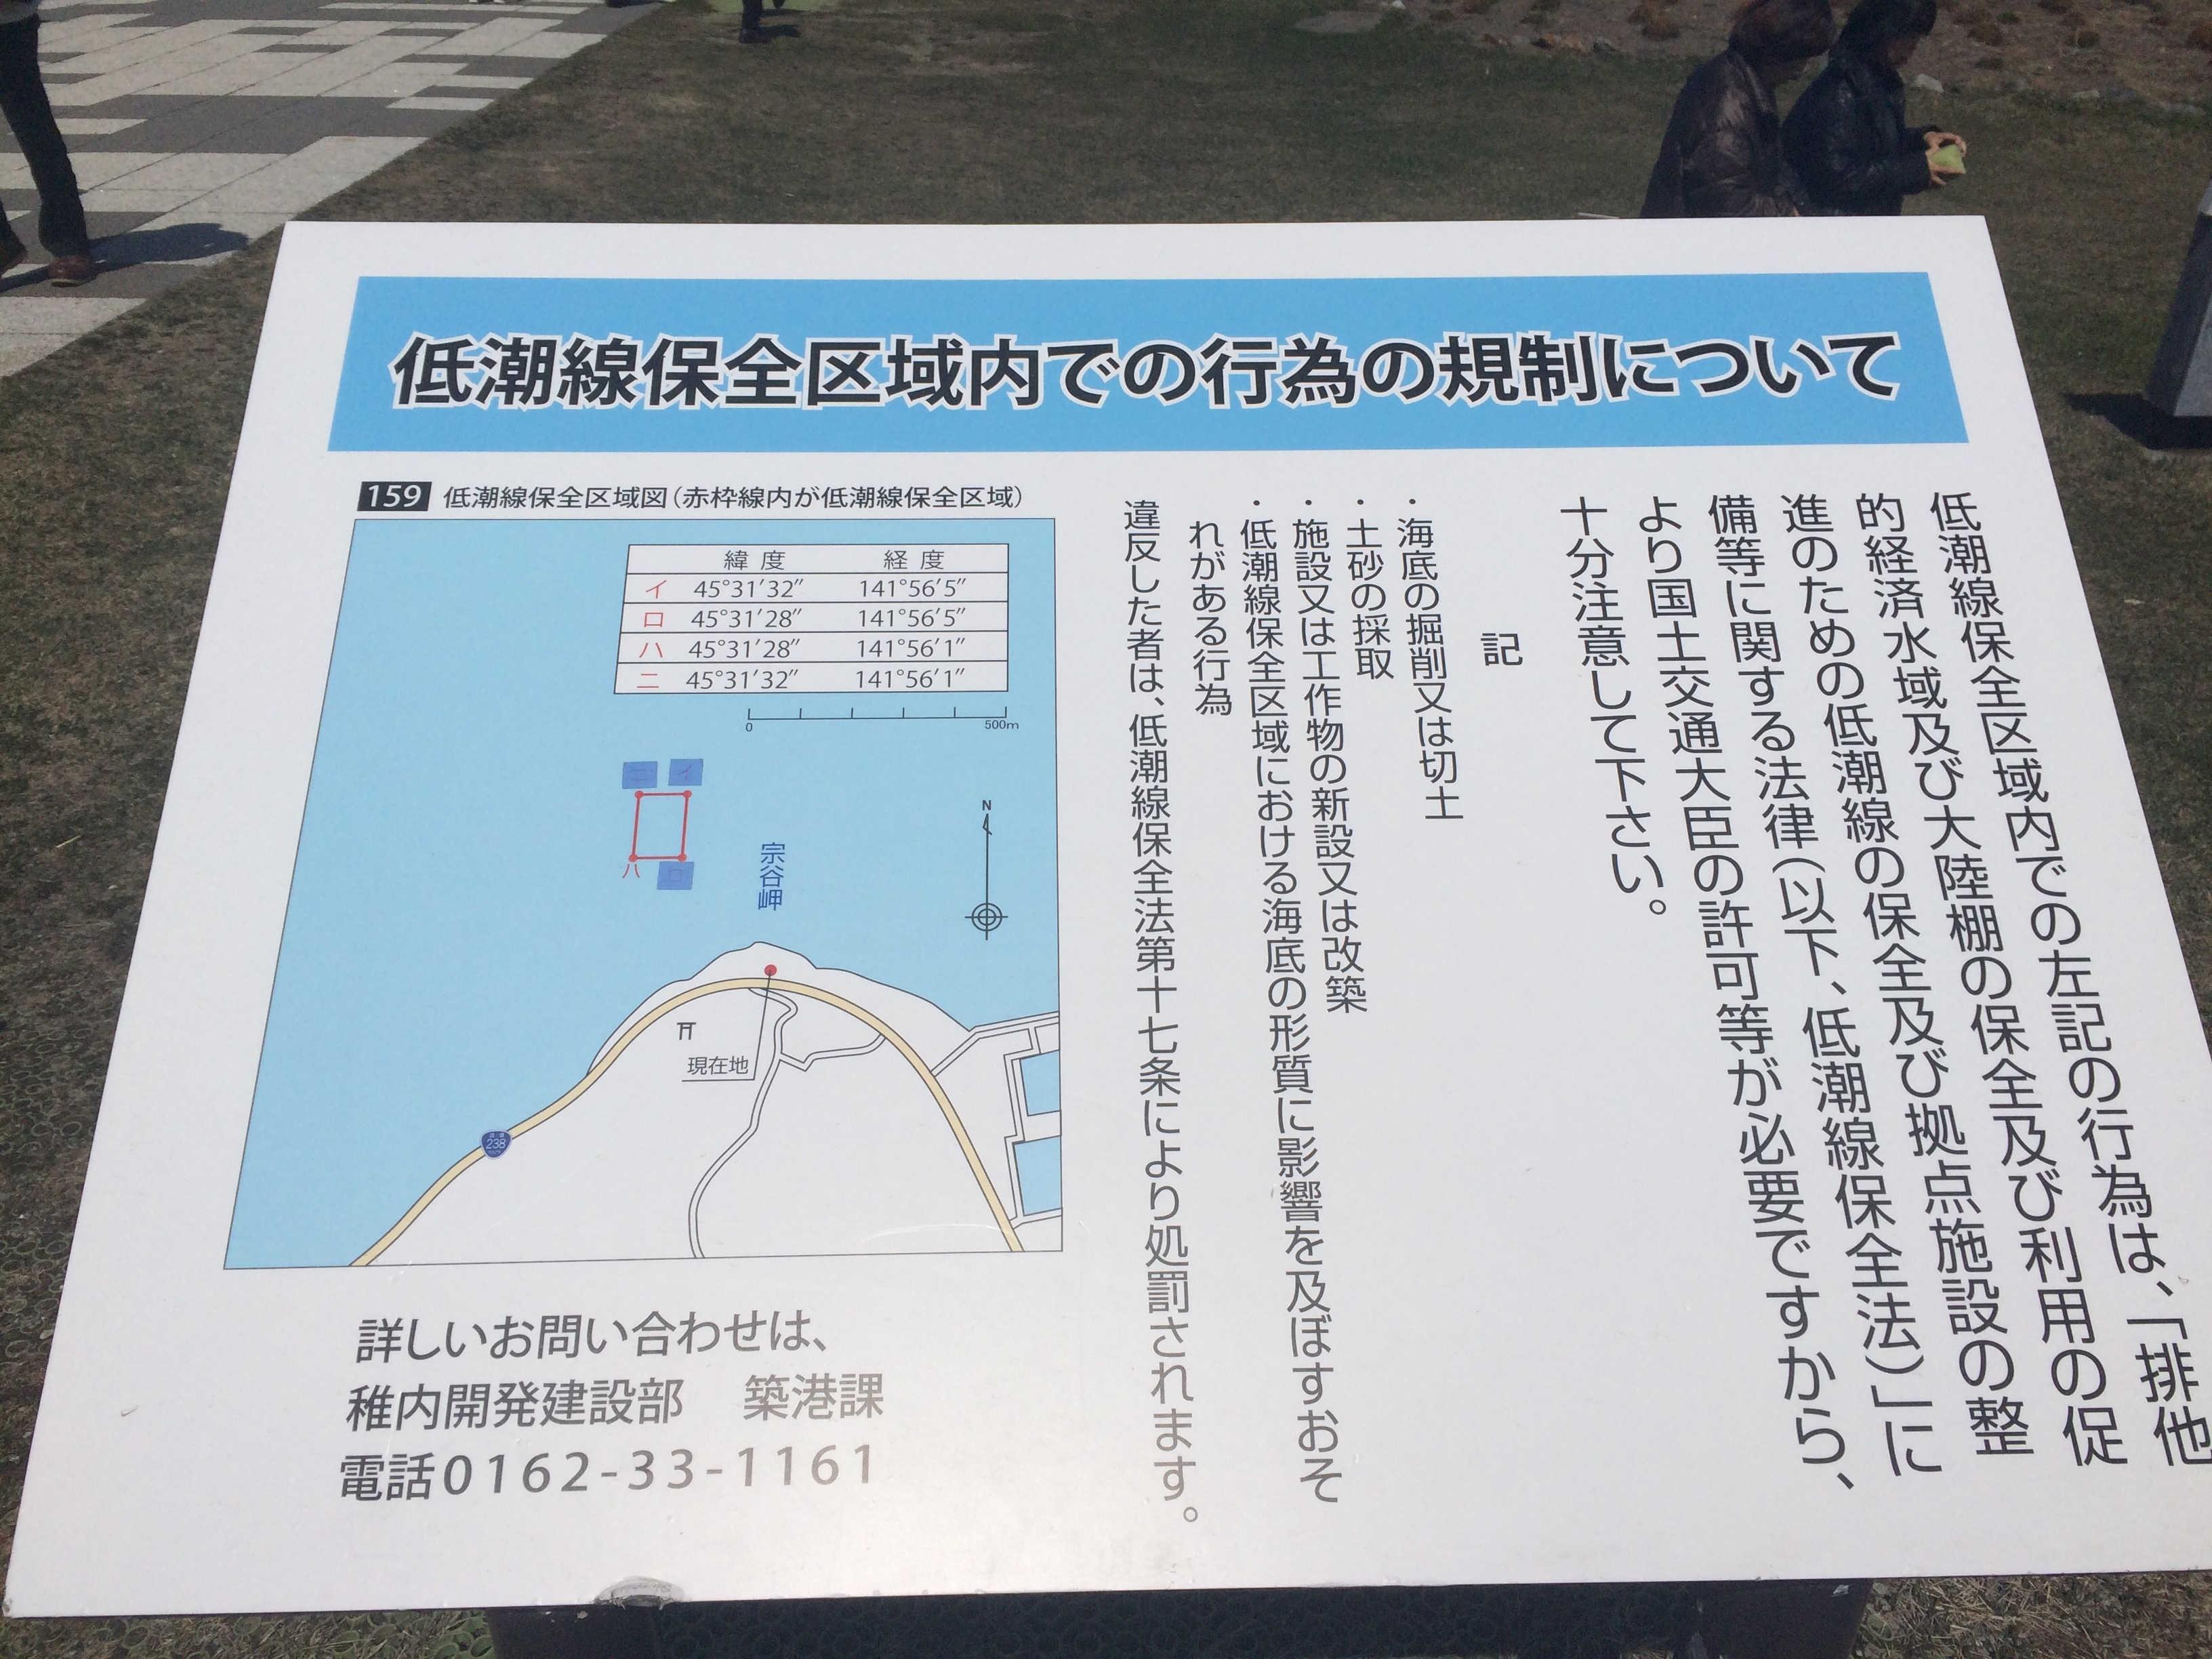 低潮線保全区域内での行為の規制について